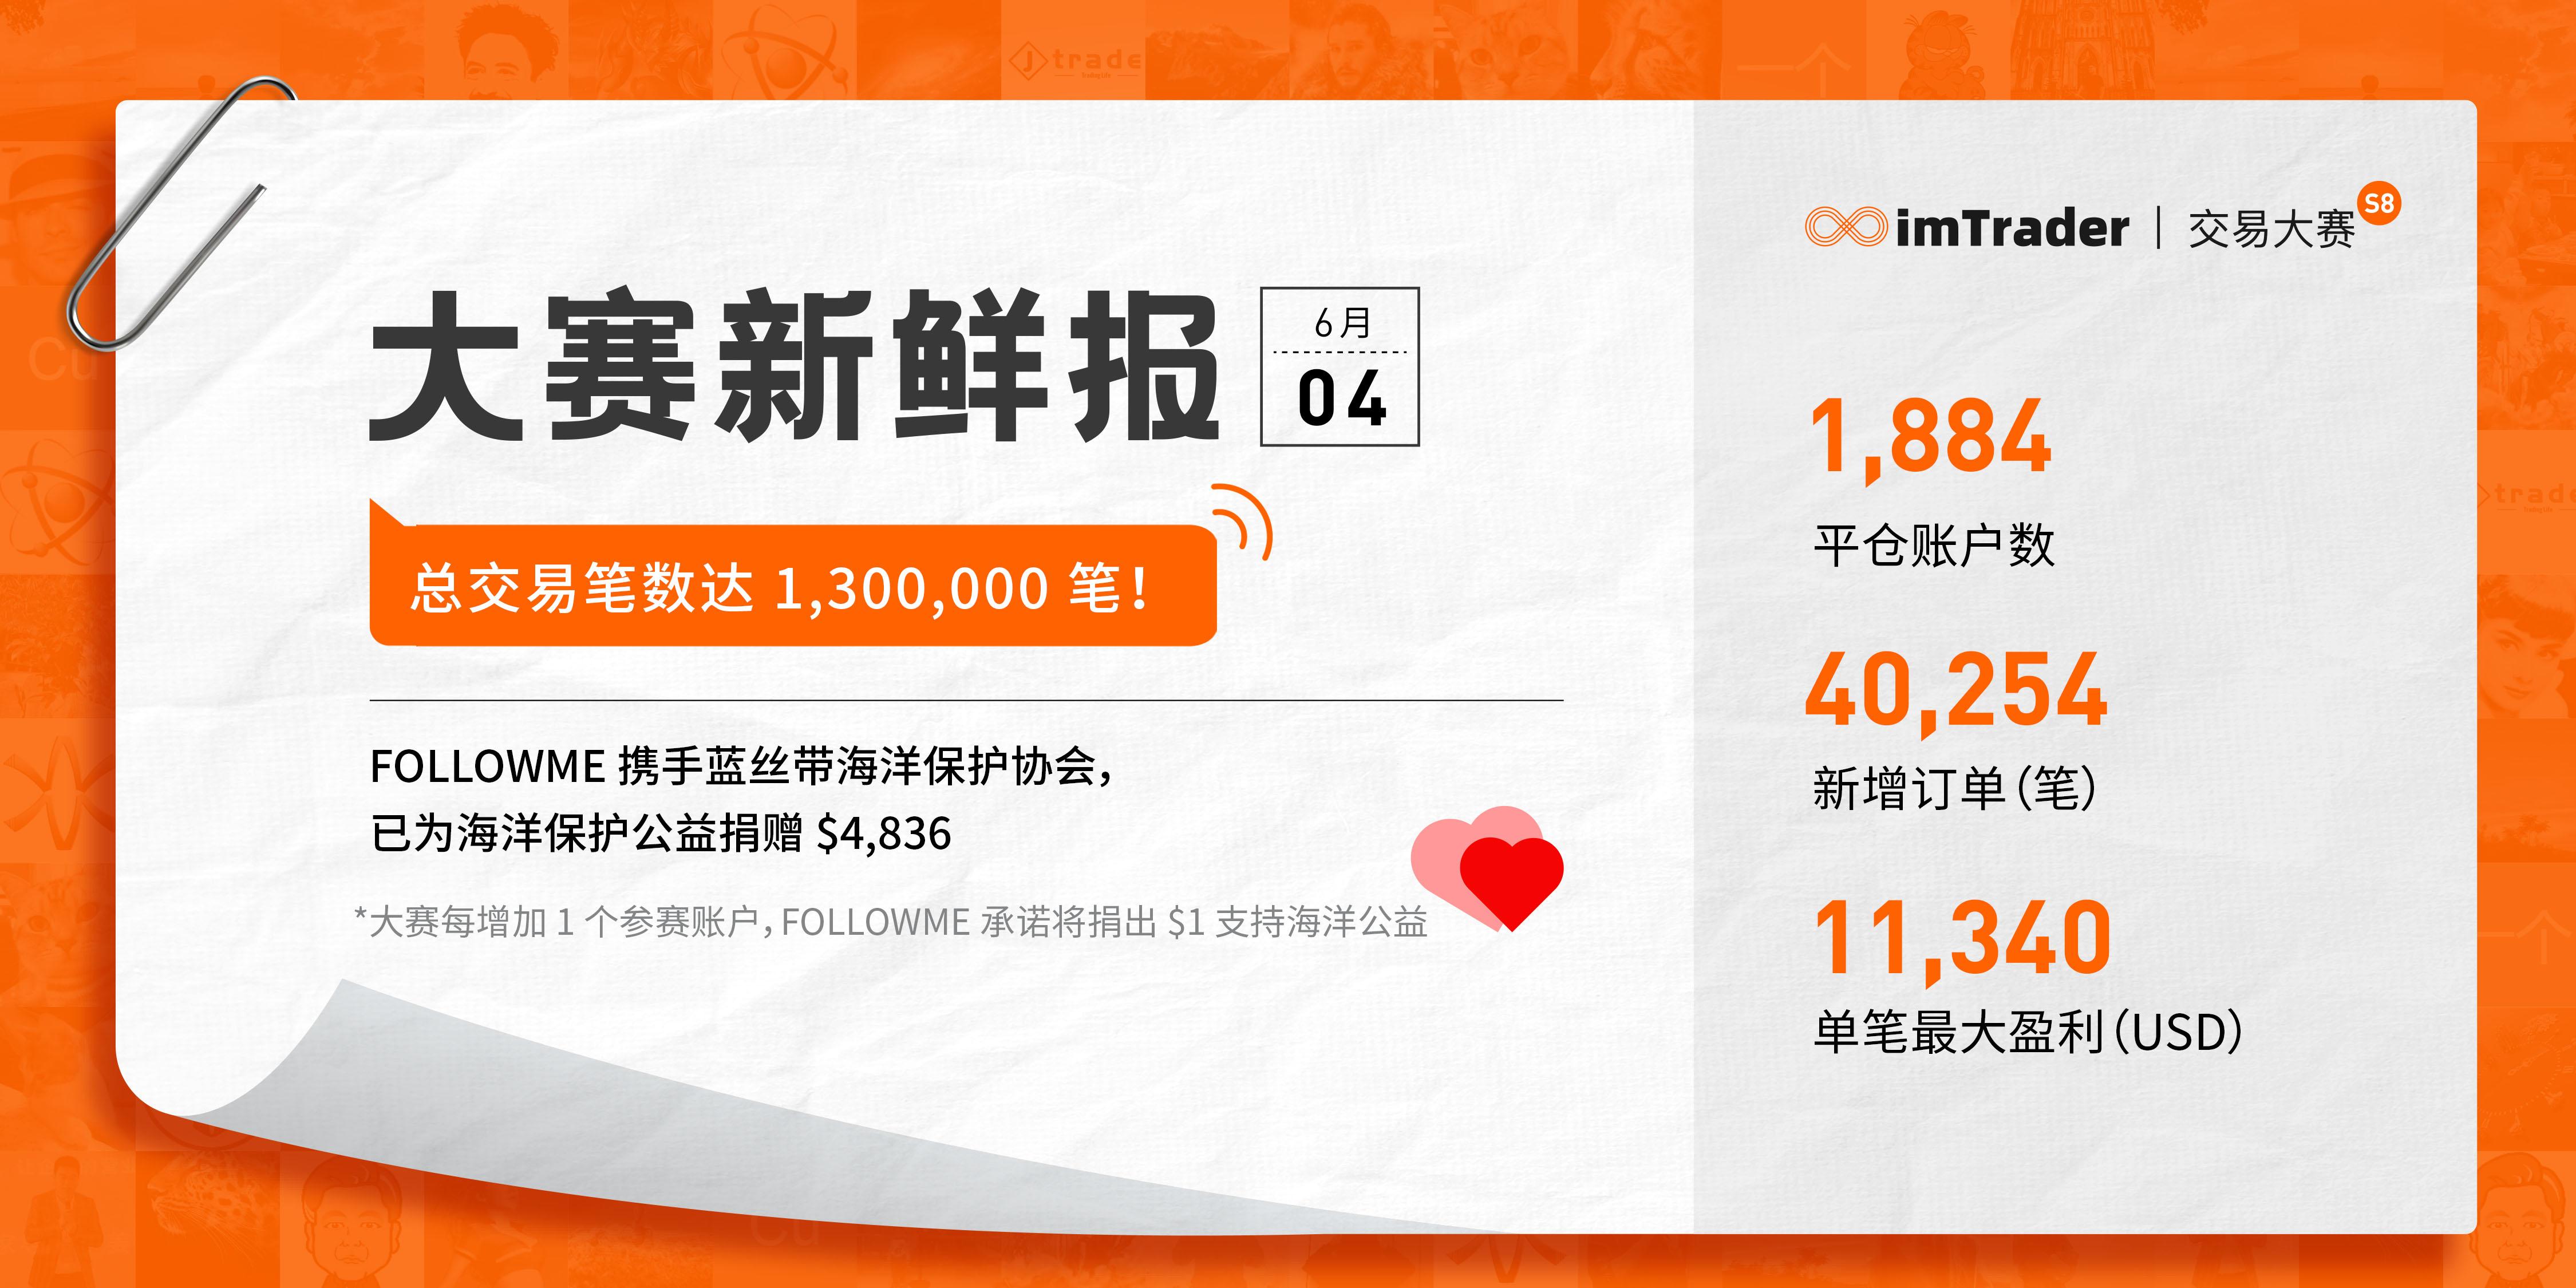 6月4日大赛新鲜报丨总交易笔数达 1,300,000 笔!